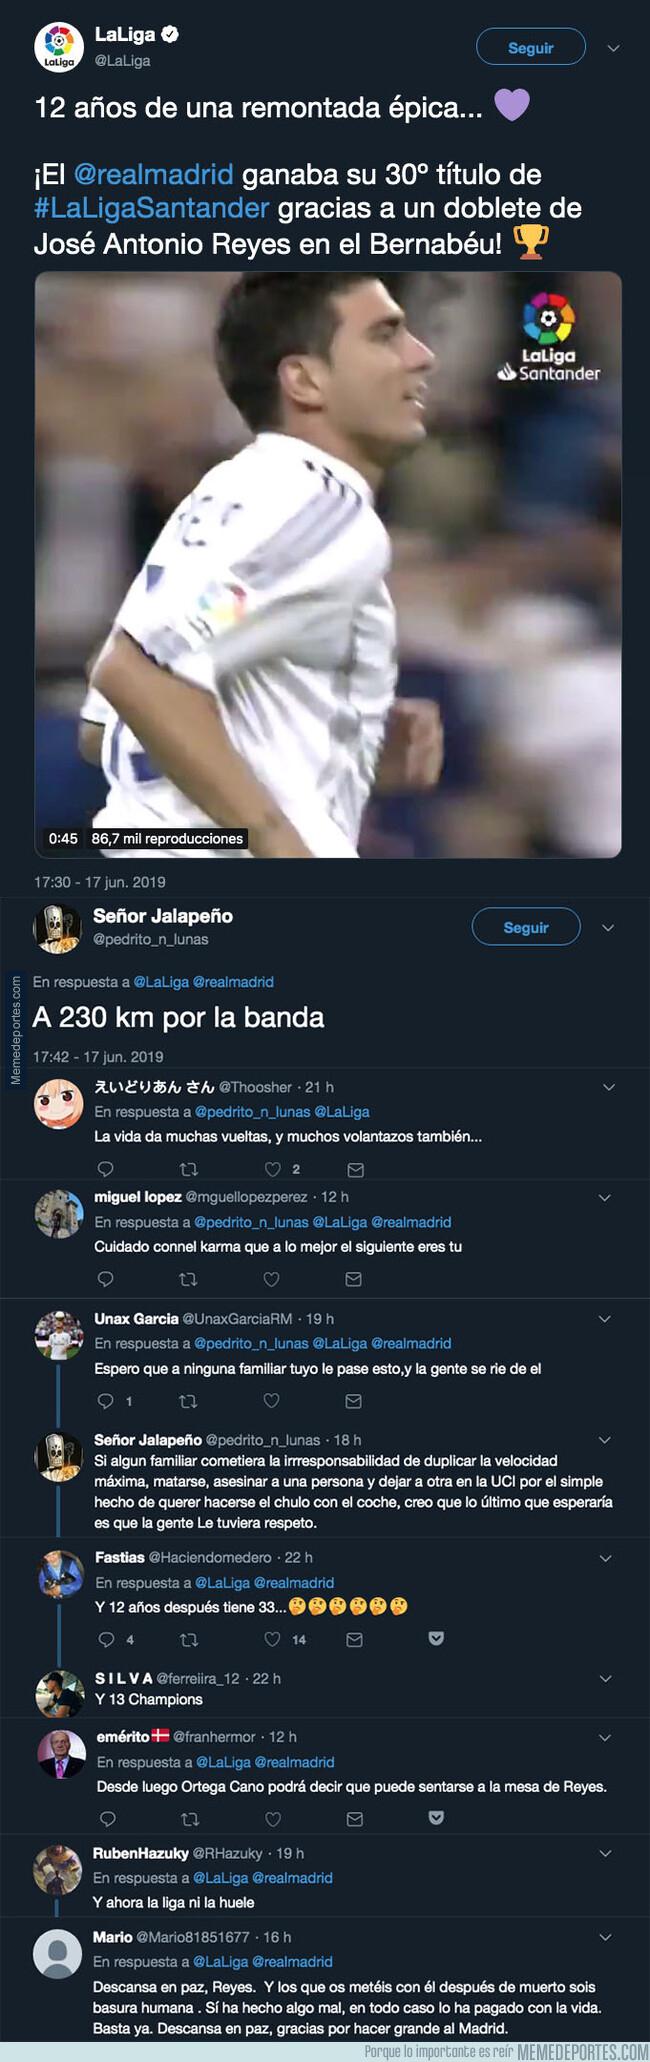 1078531 - LaLiga homenajea a José Antonio Reyes al cumplir 12 años del título que le dio al Real Madrid y se llena de respuestas muy crueles